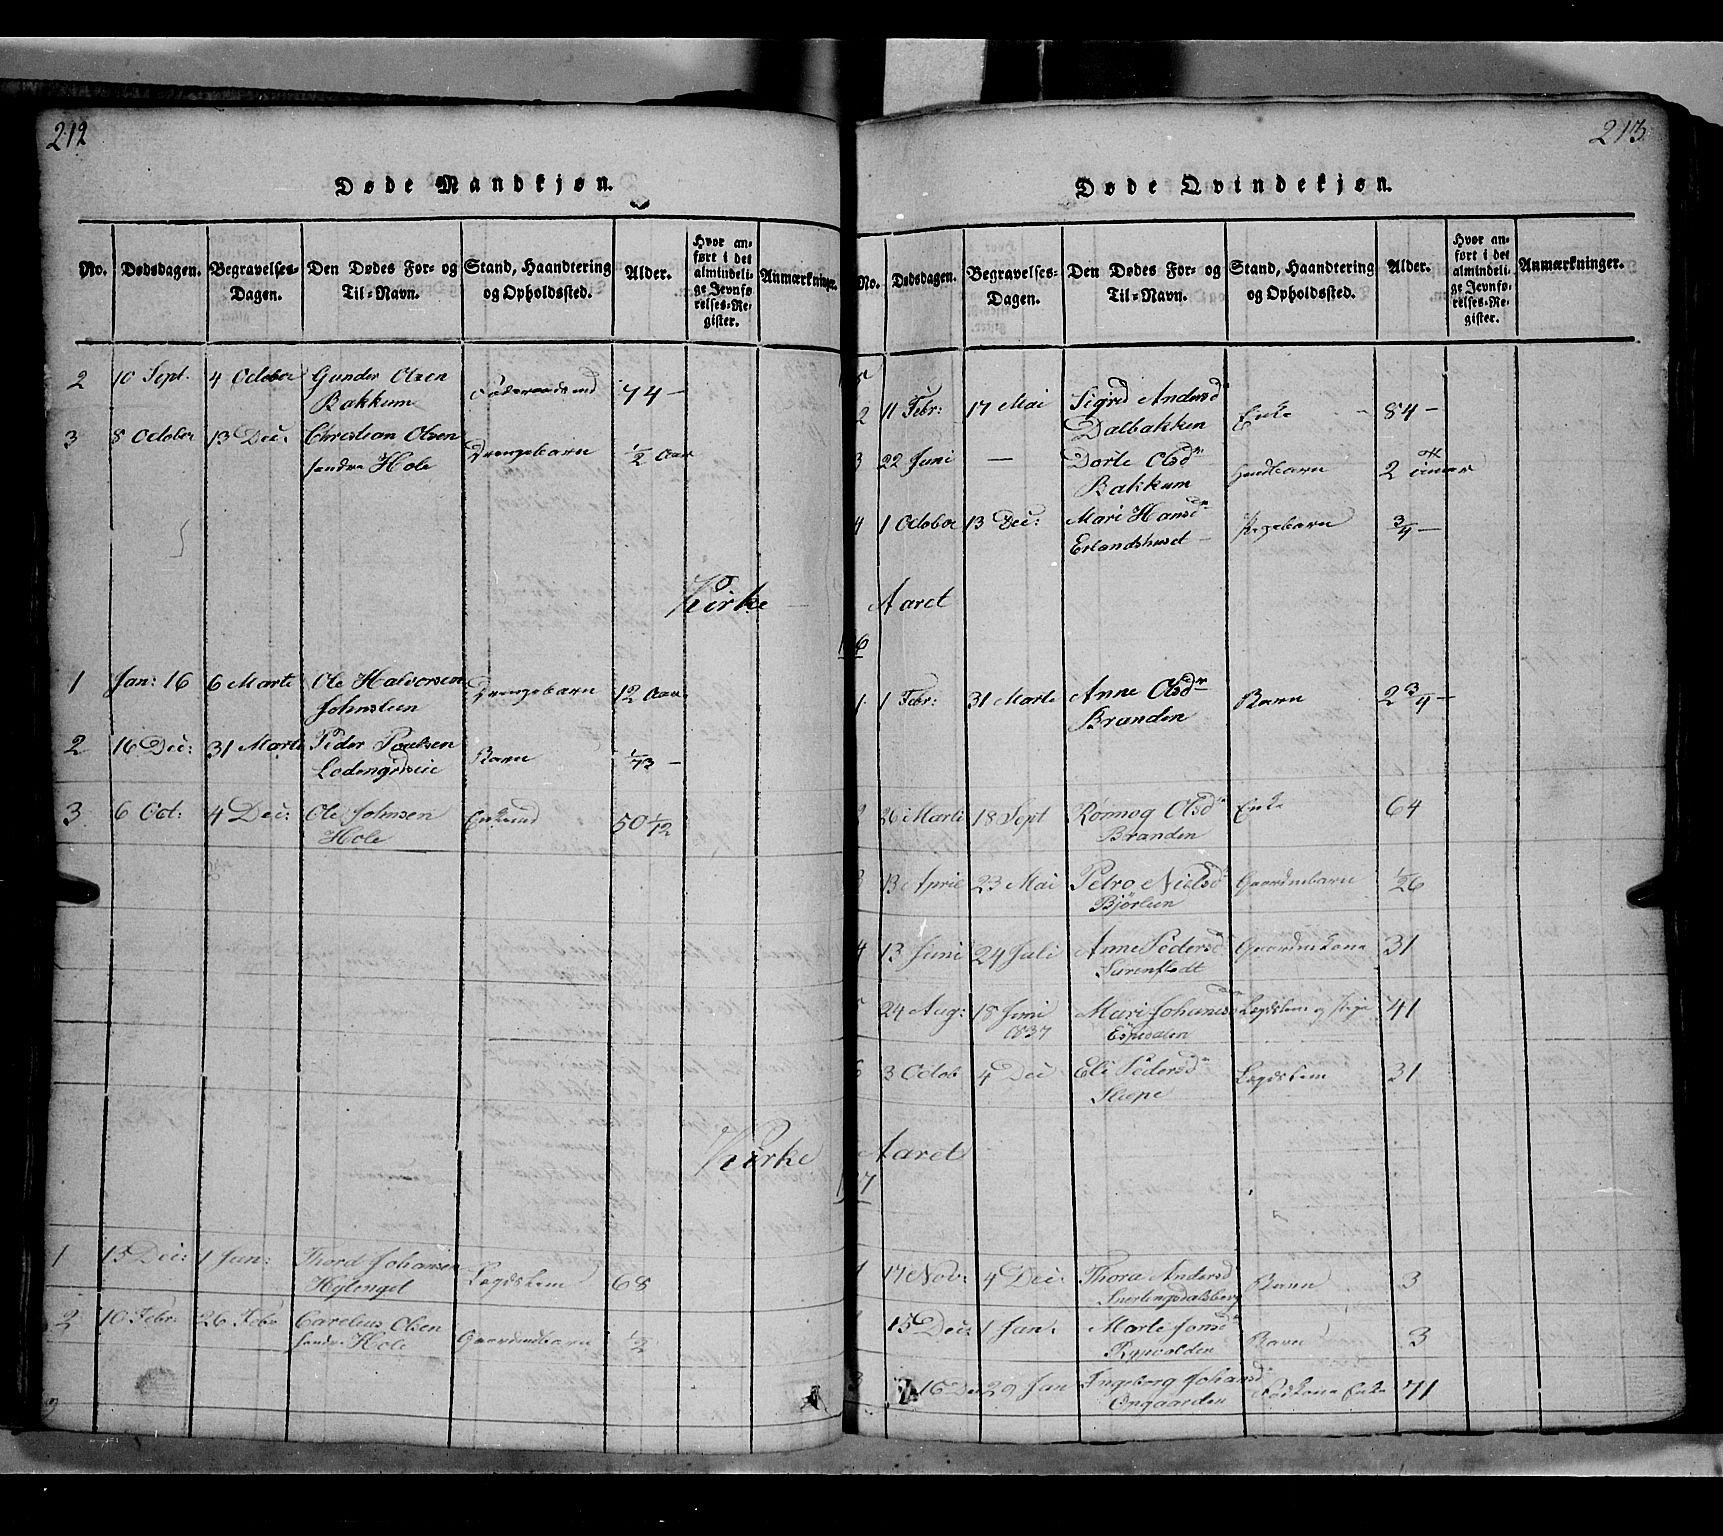 SAH, Gausdal prestekontor, Klokkerbok nr. 2, 1818-1874, s. 212-213